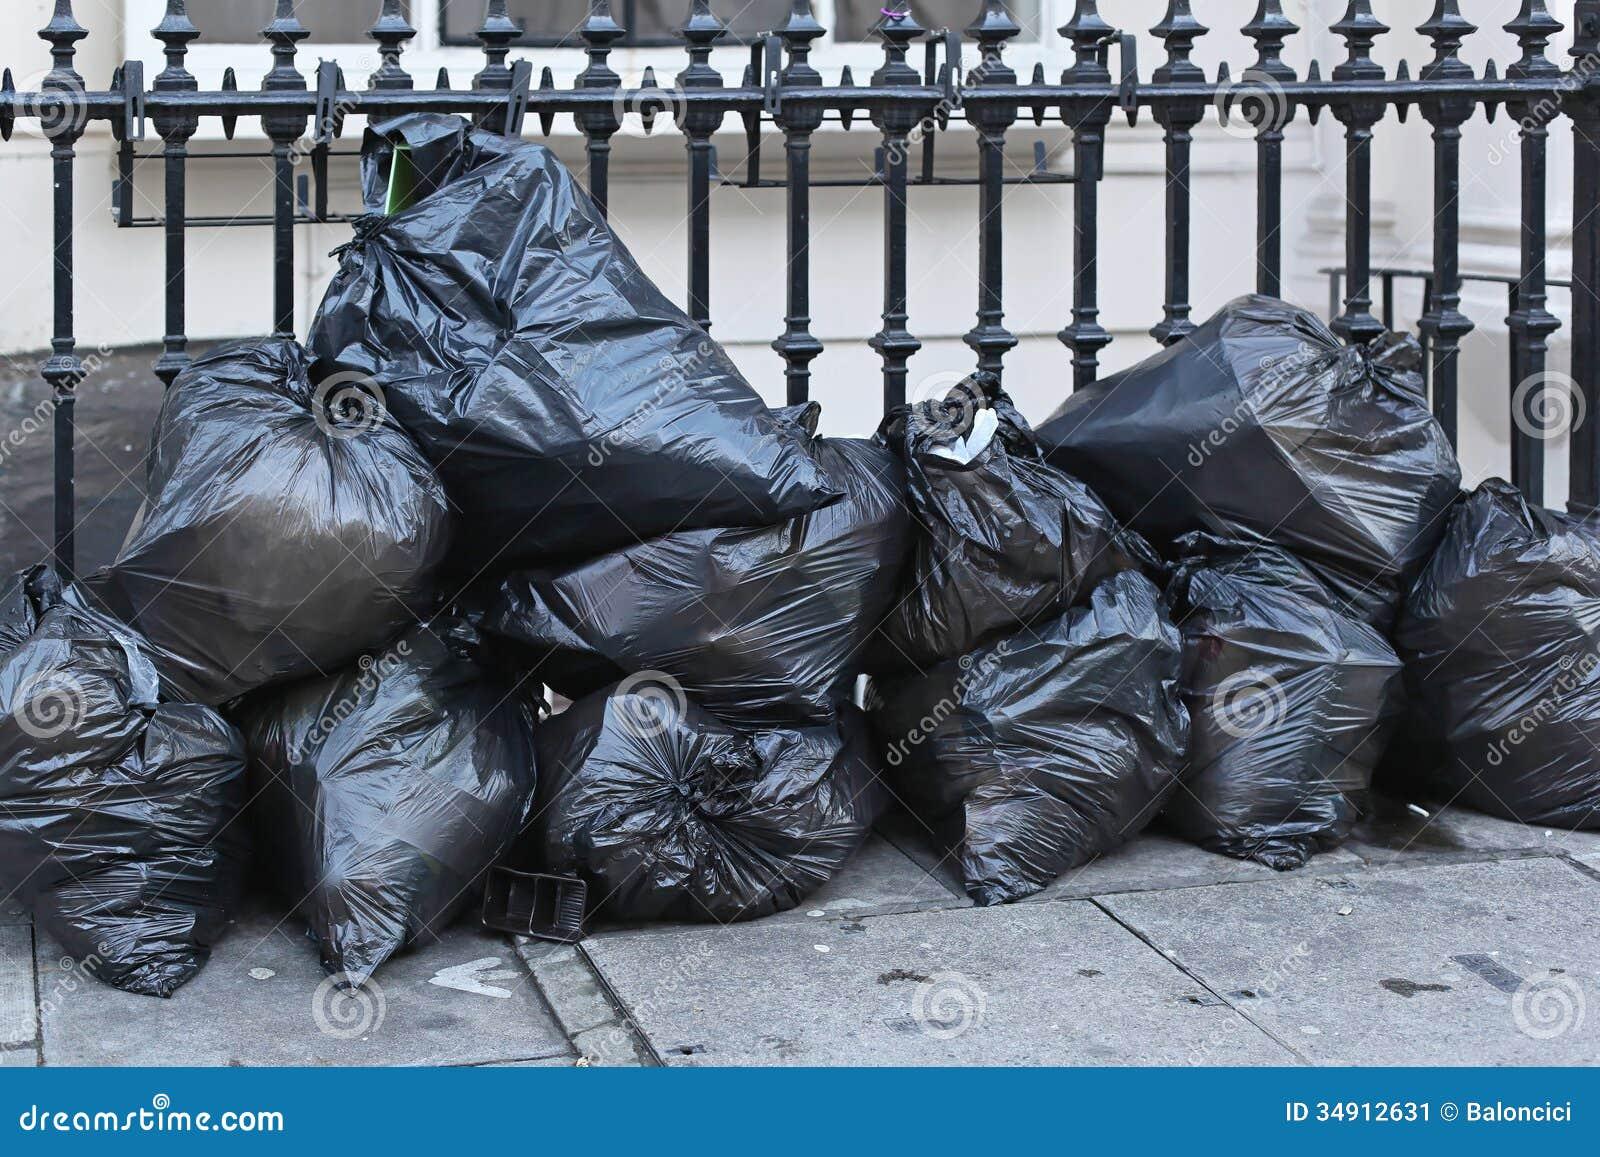 Garbage Stock Image - Image: 34912631